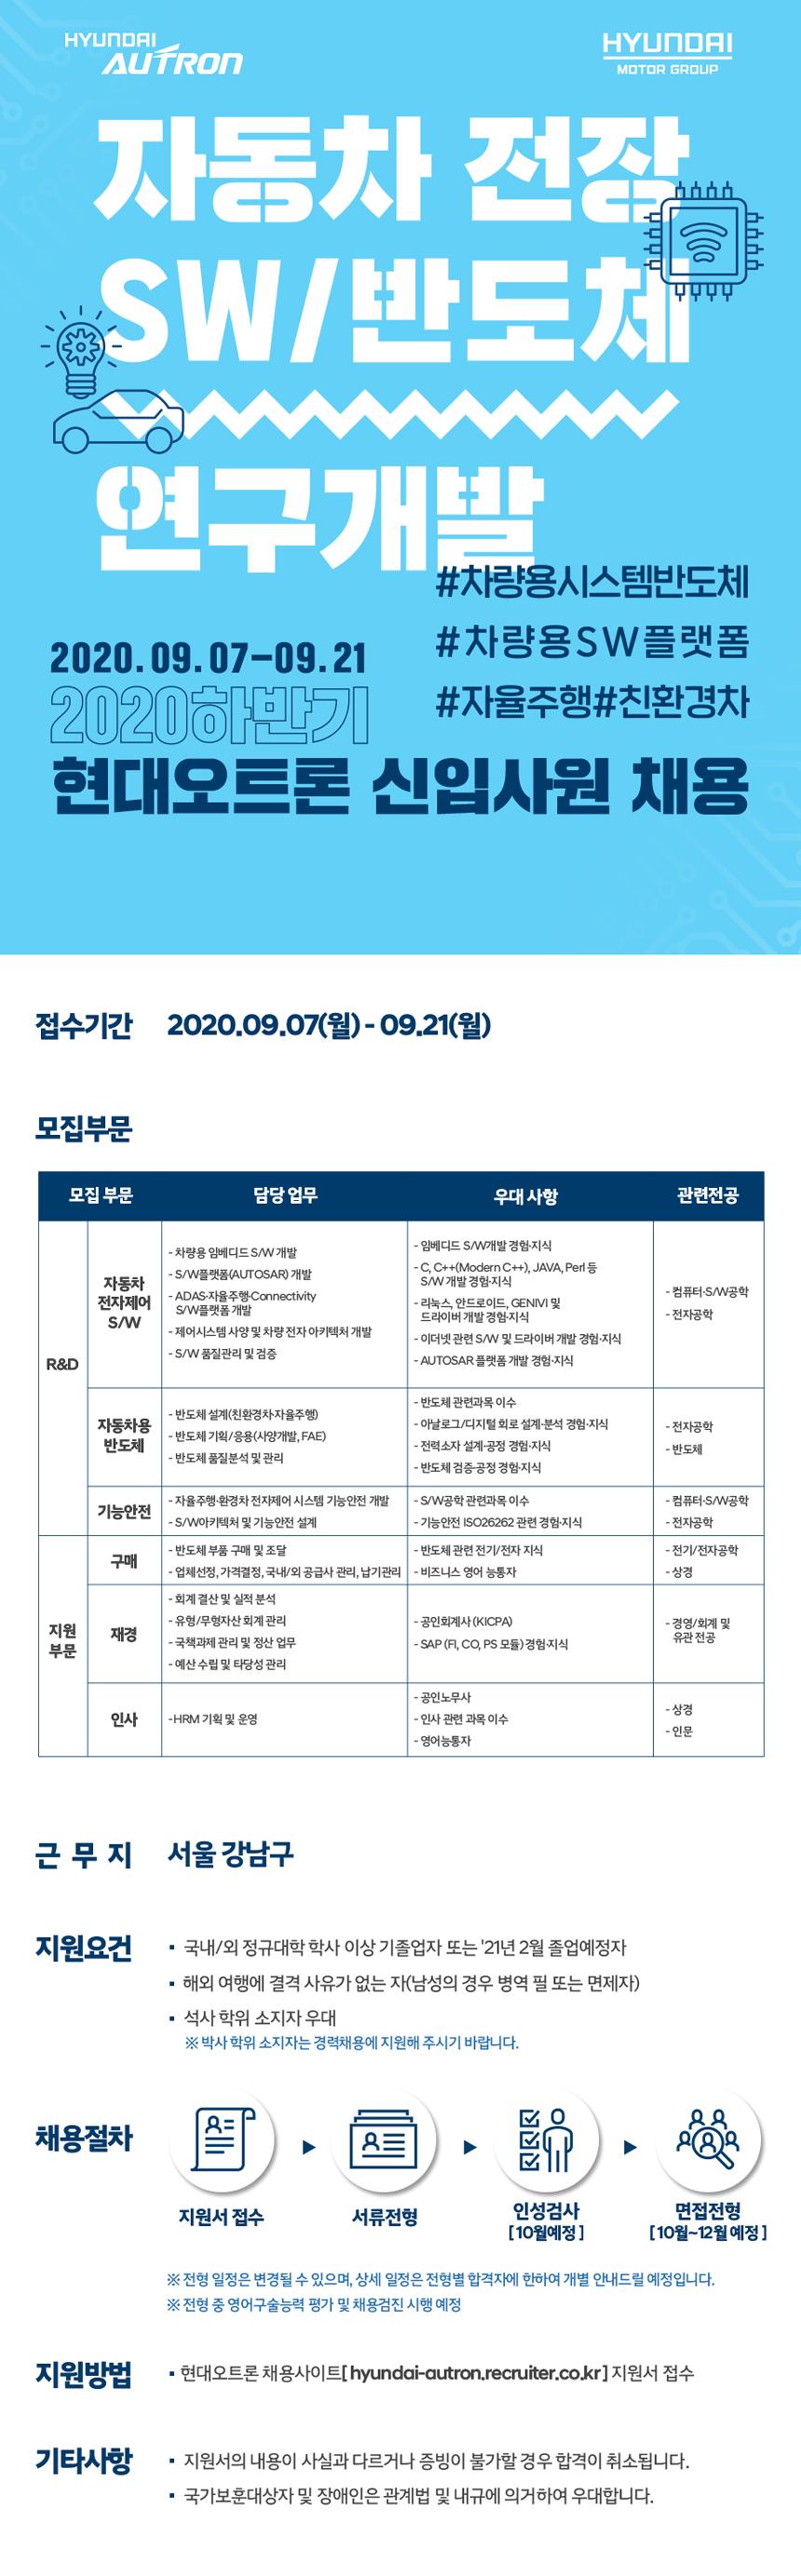 (현대오트론) 2020 하반기 현대오트론 신입사원 채용_0911.jpg